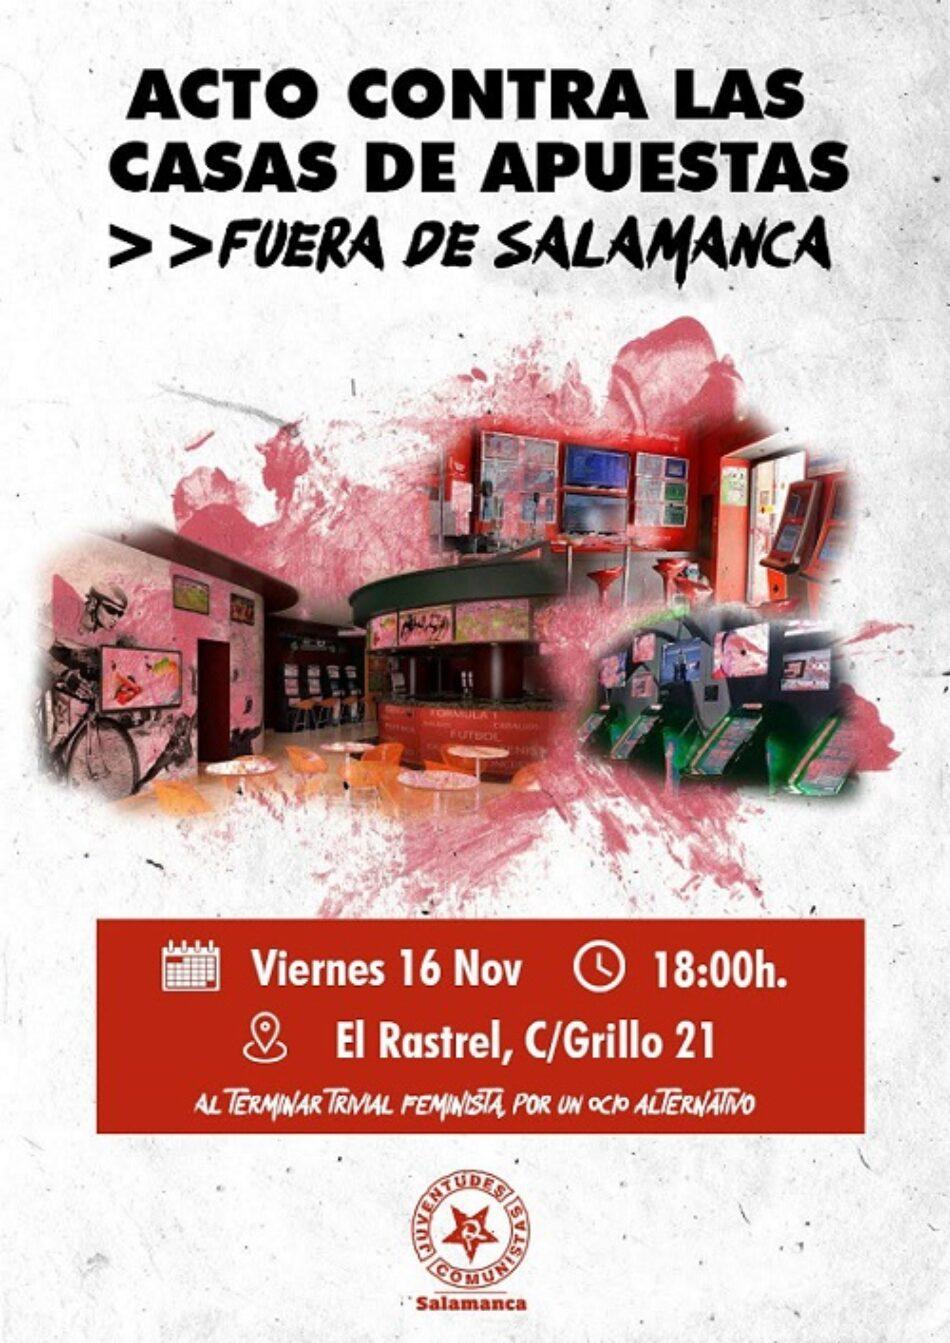 La UJCE convoca un acto contra las casas de apuestas en Salamanca el 16N